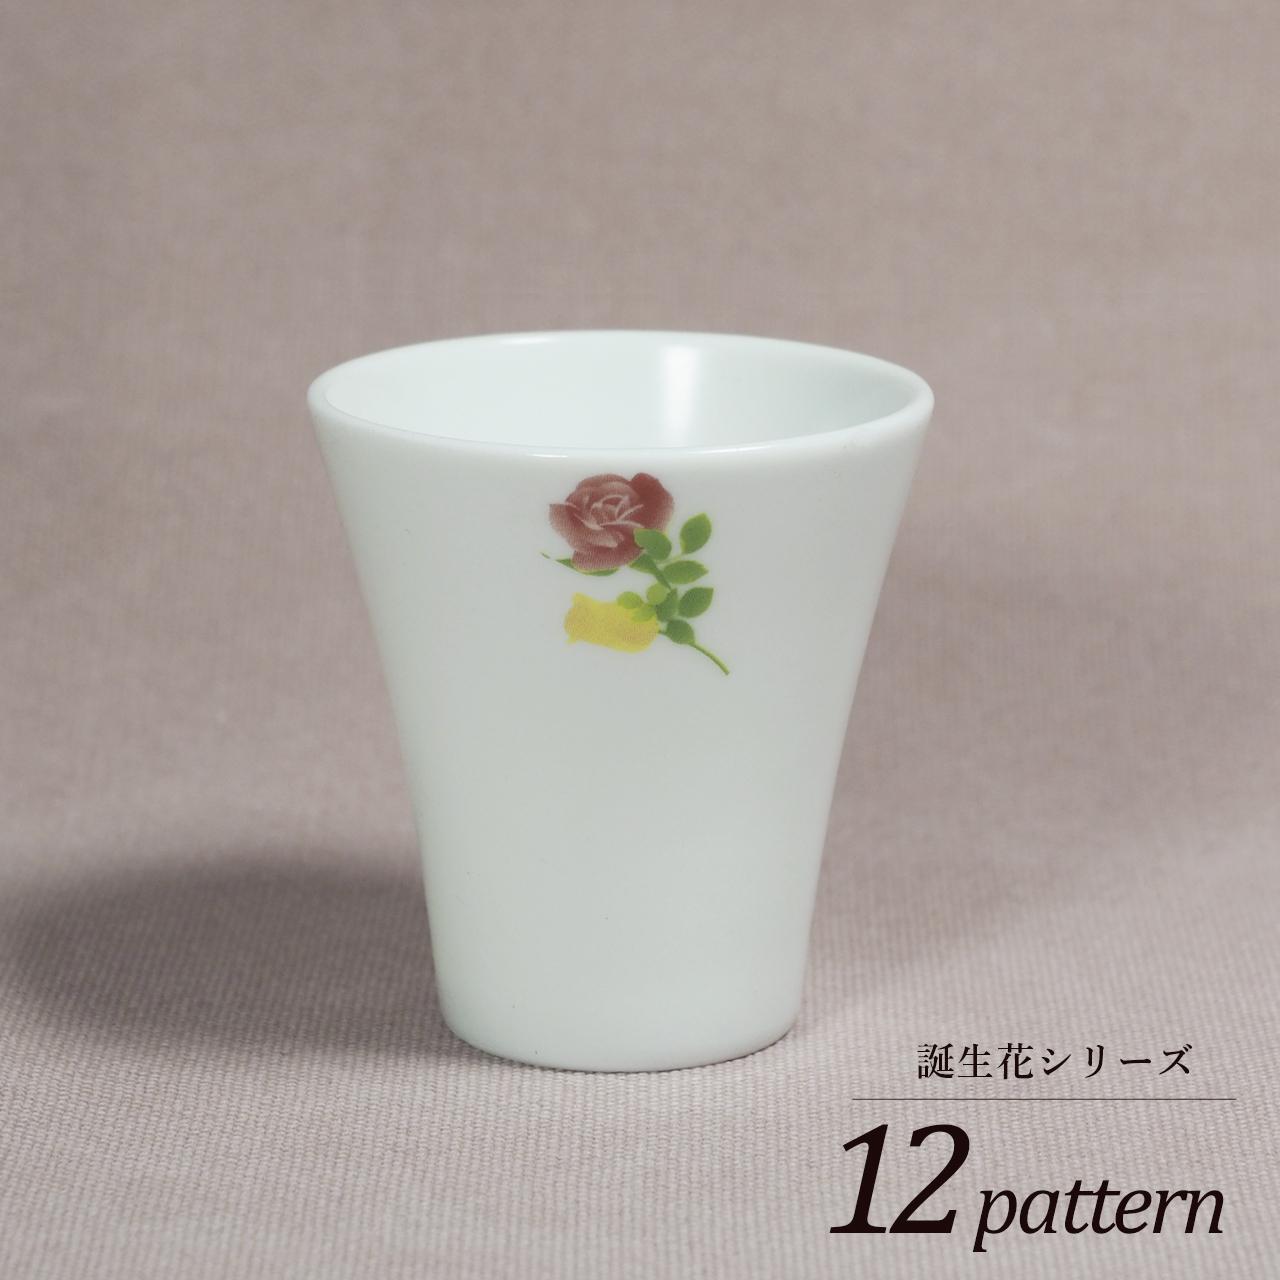 ミニカップ 誕生花シリーズ 10-006-A